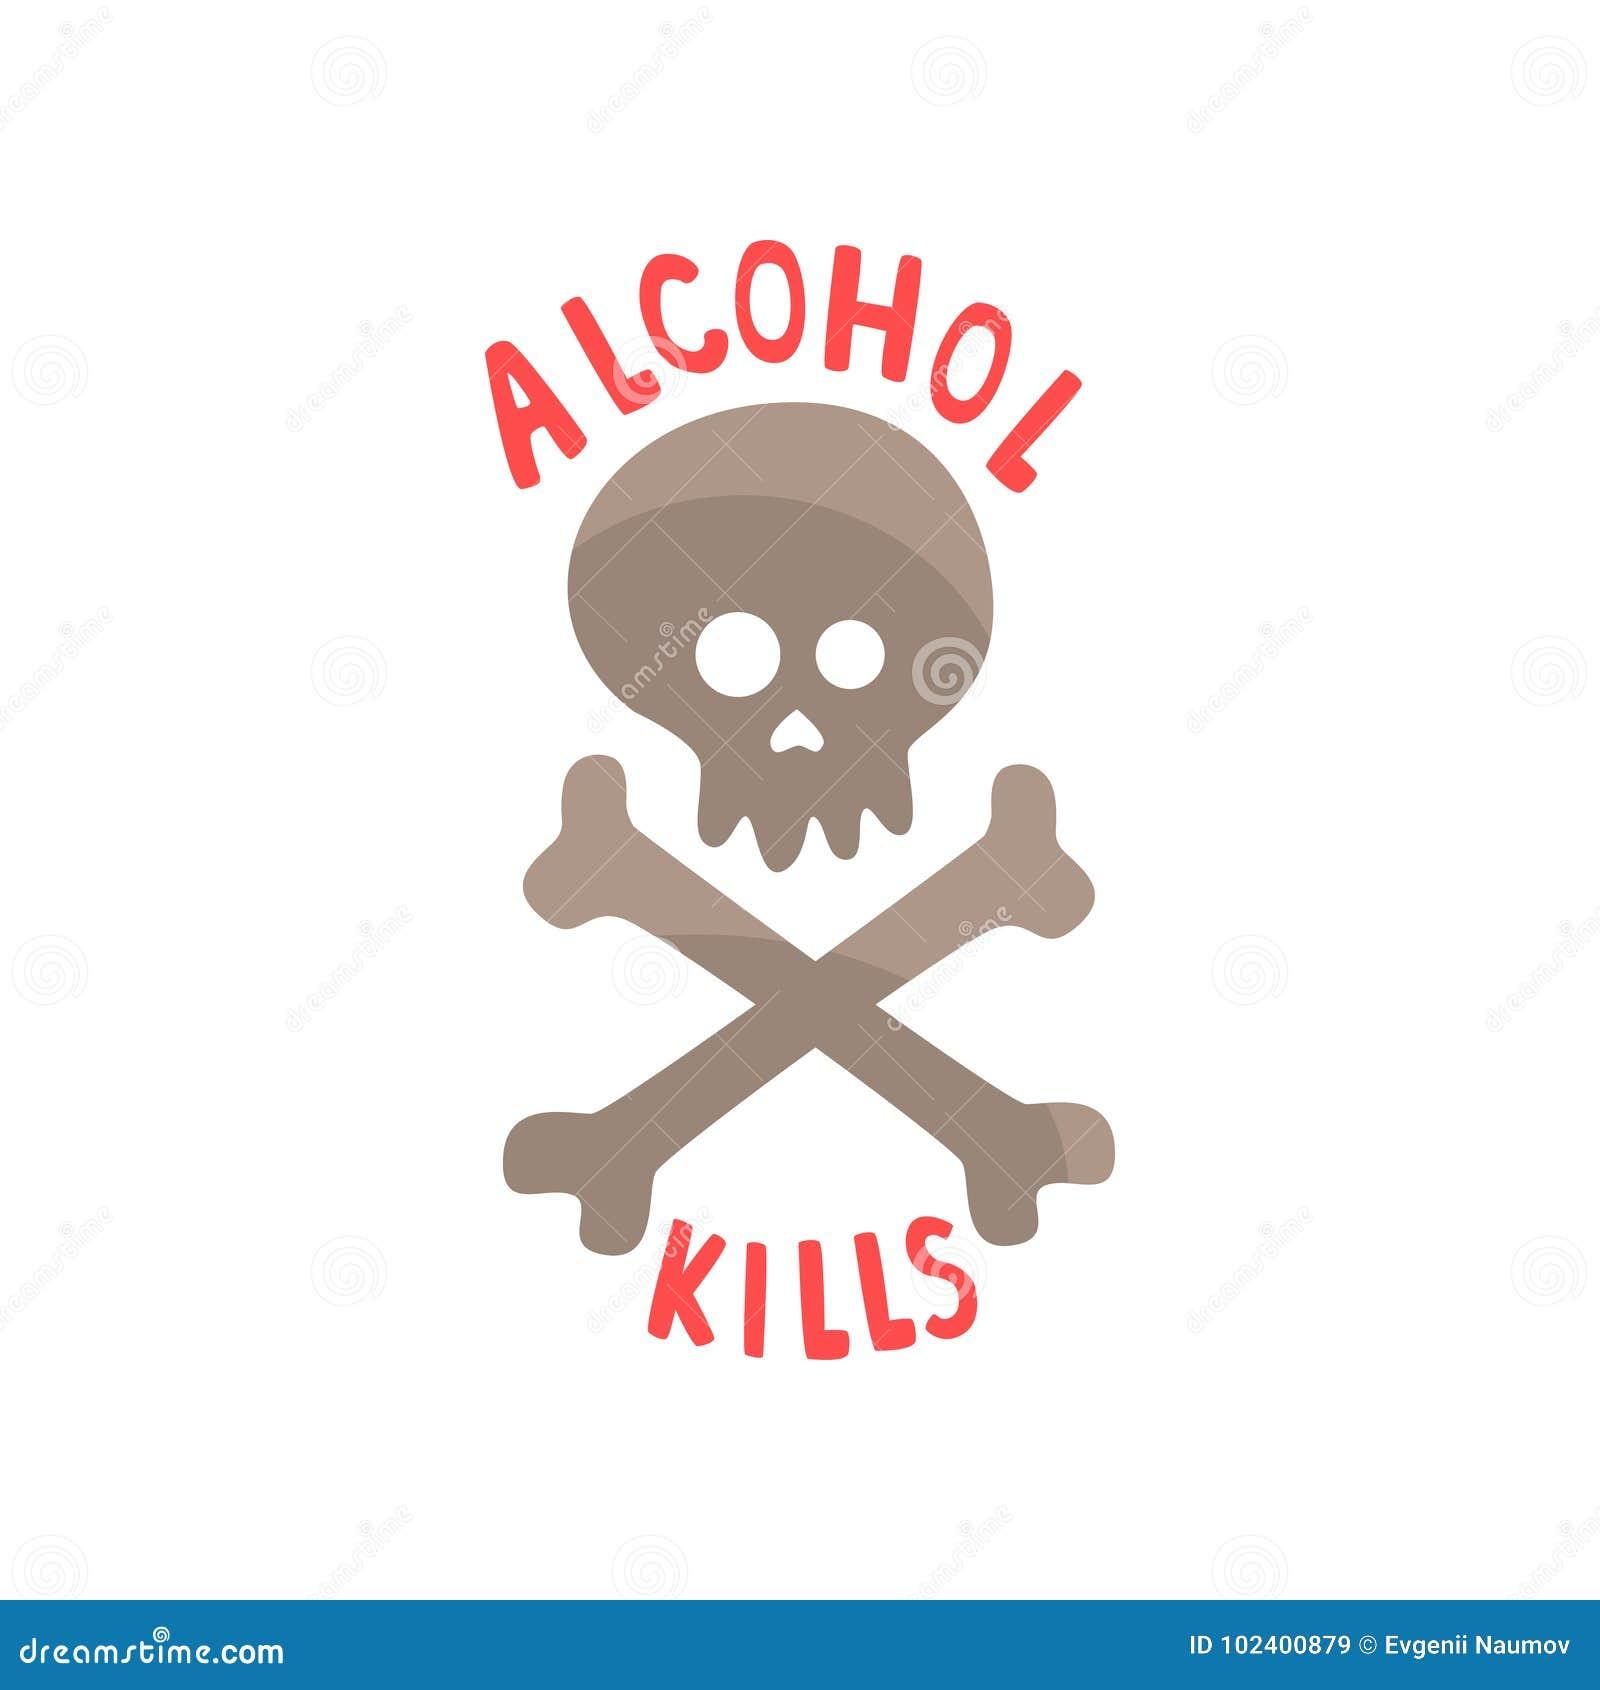 how to break alcohol habit